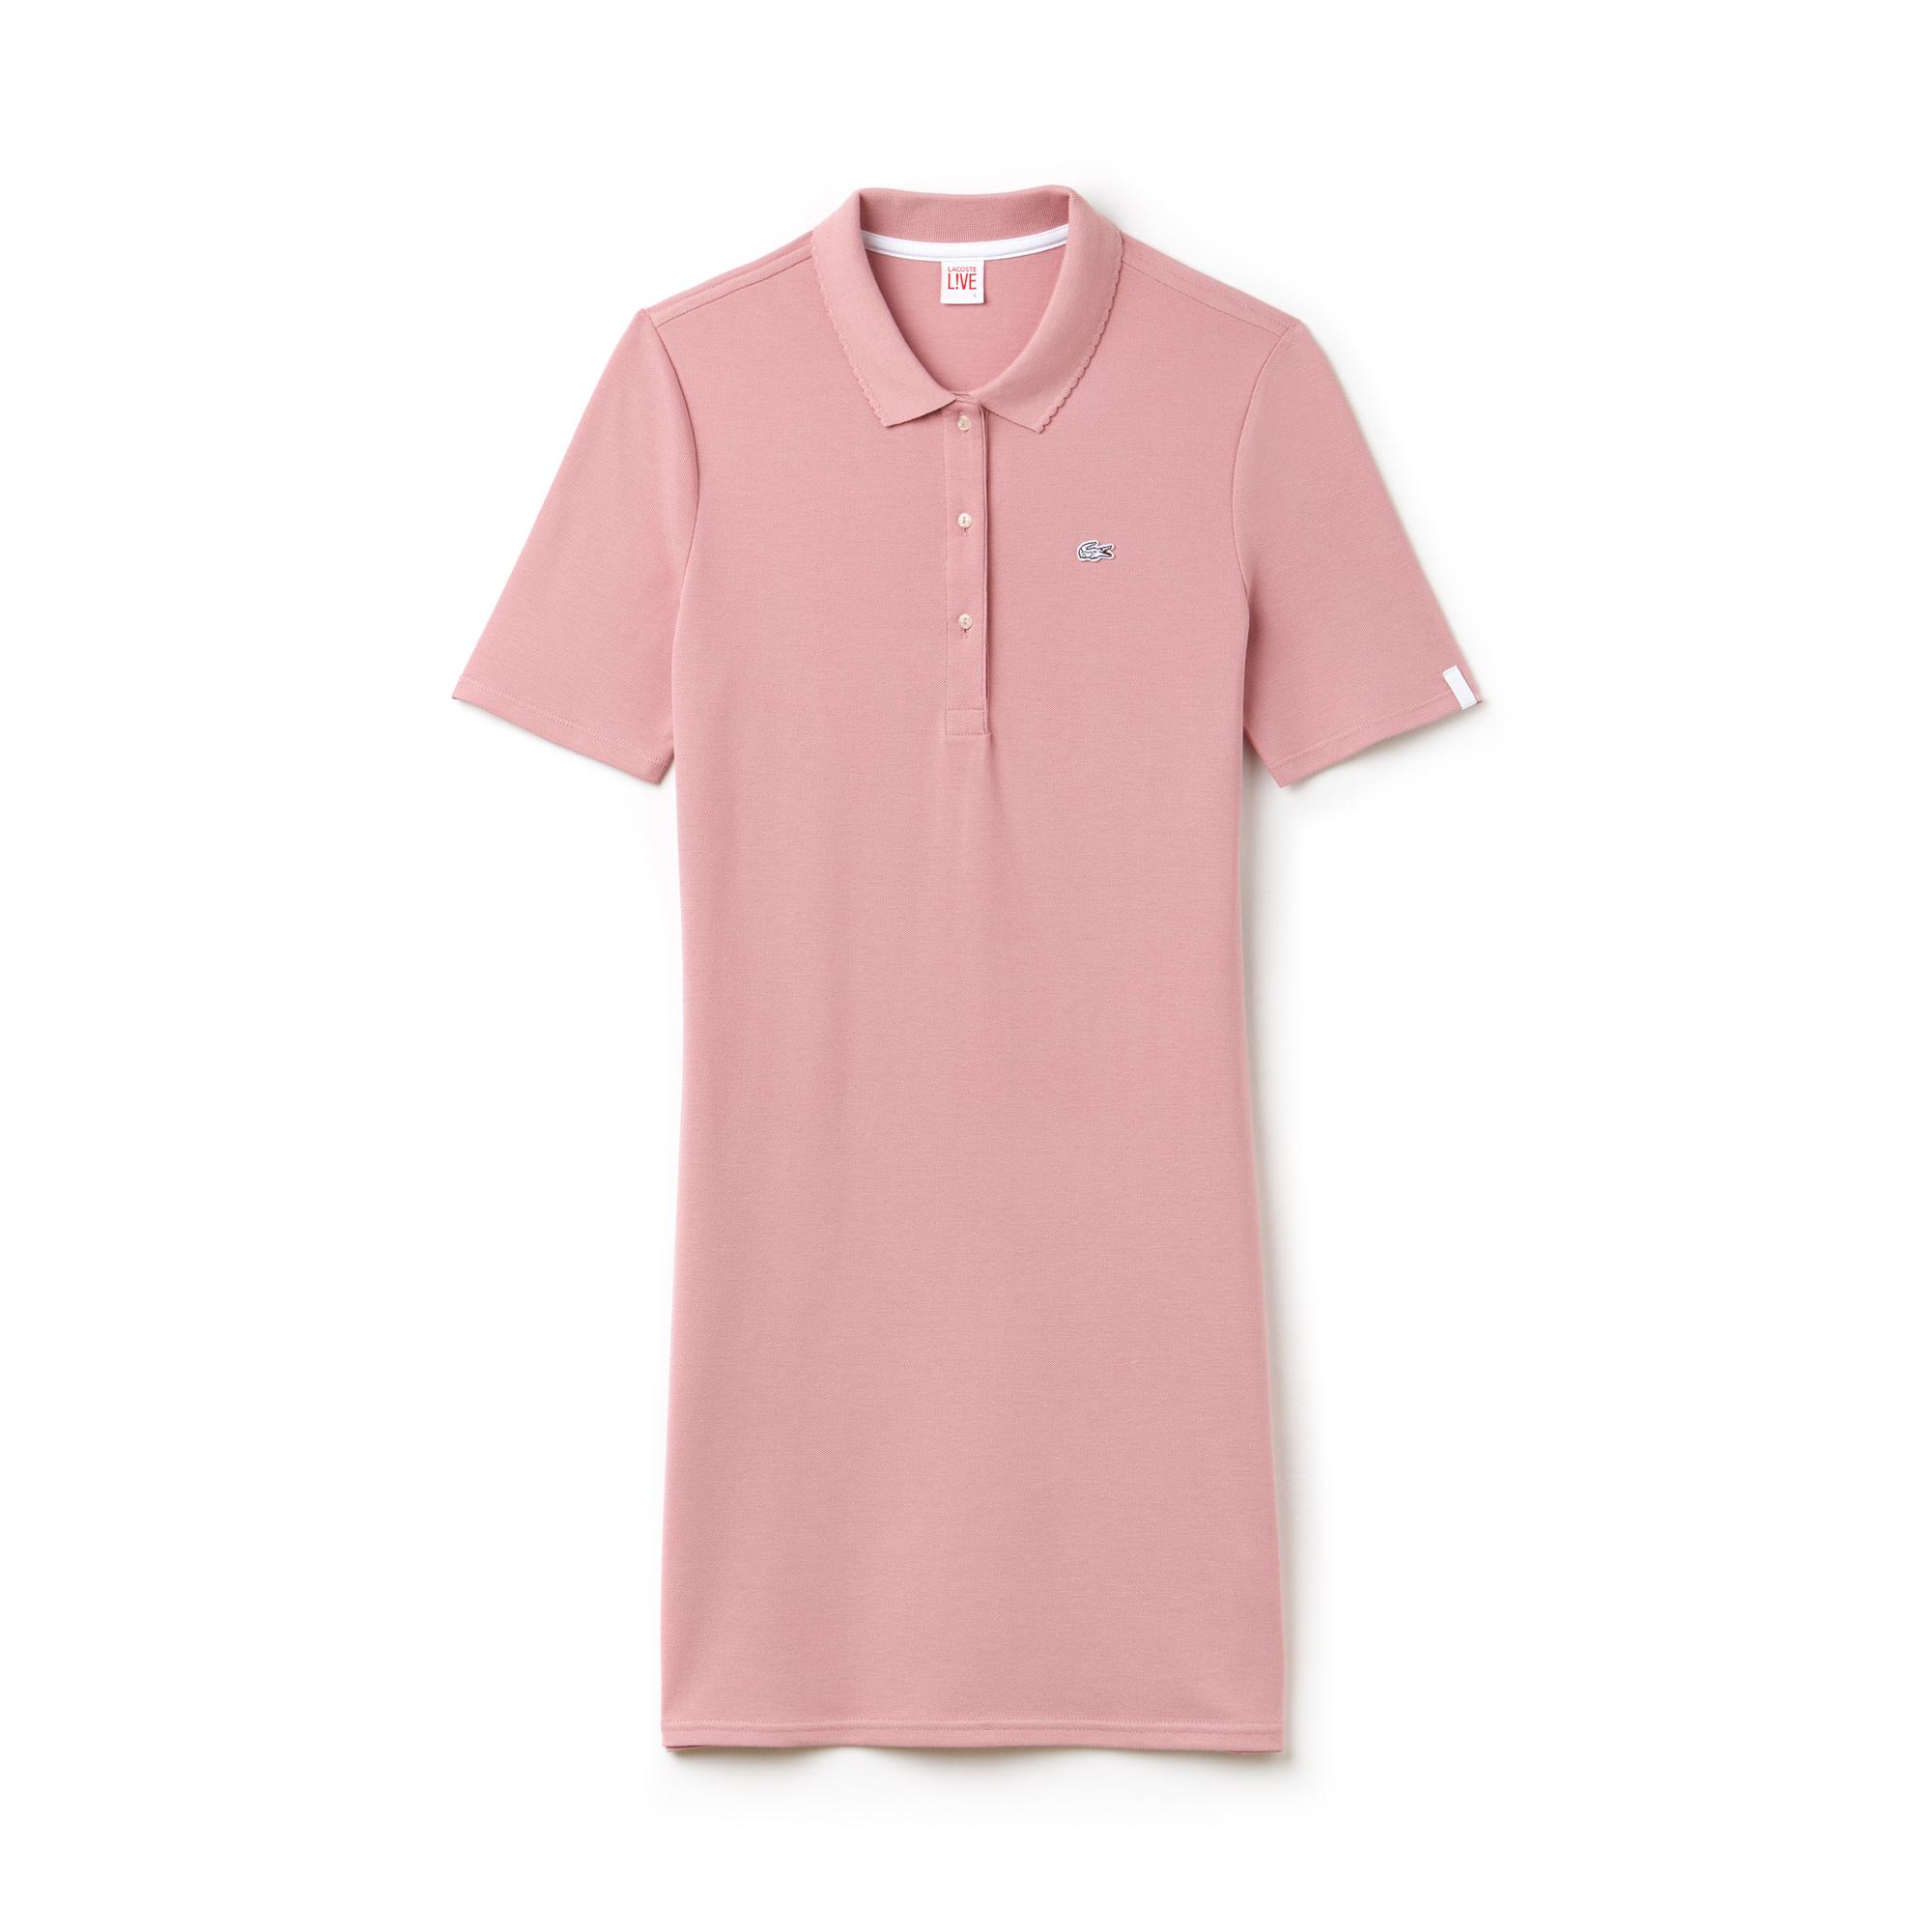 Фото 3 - Женское платье Lacoste розового цвета